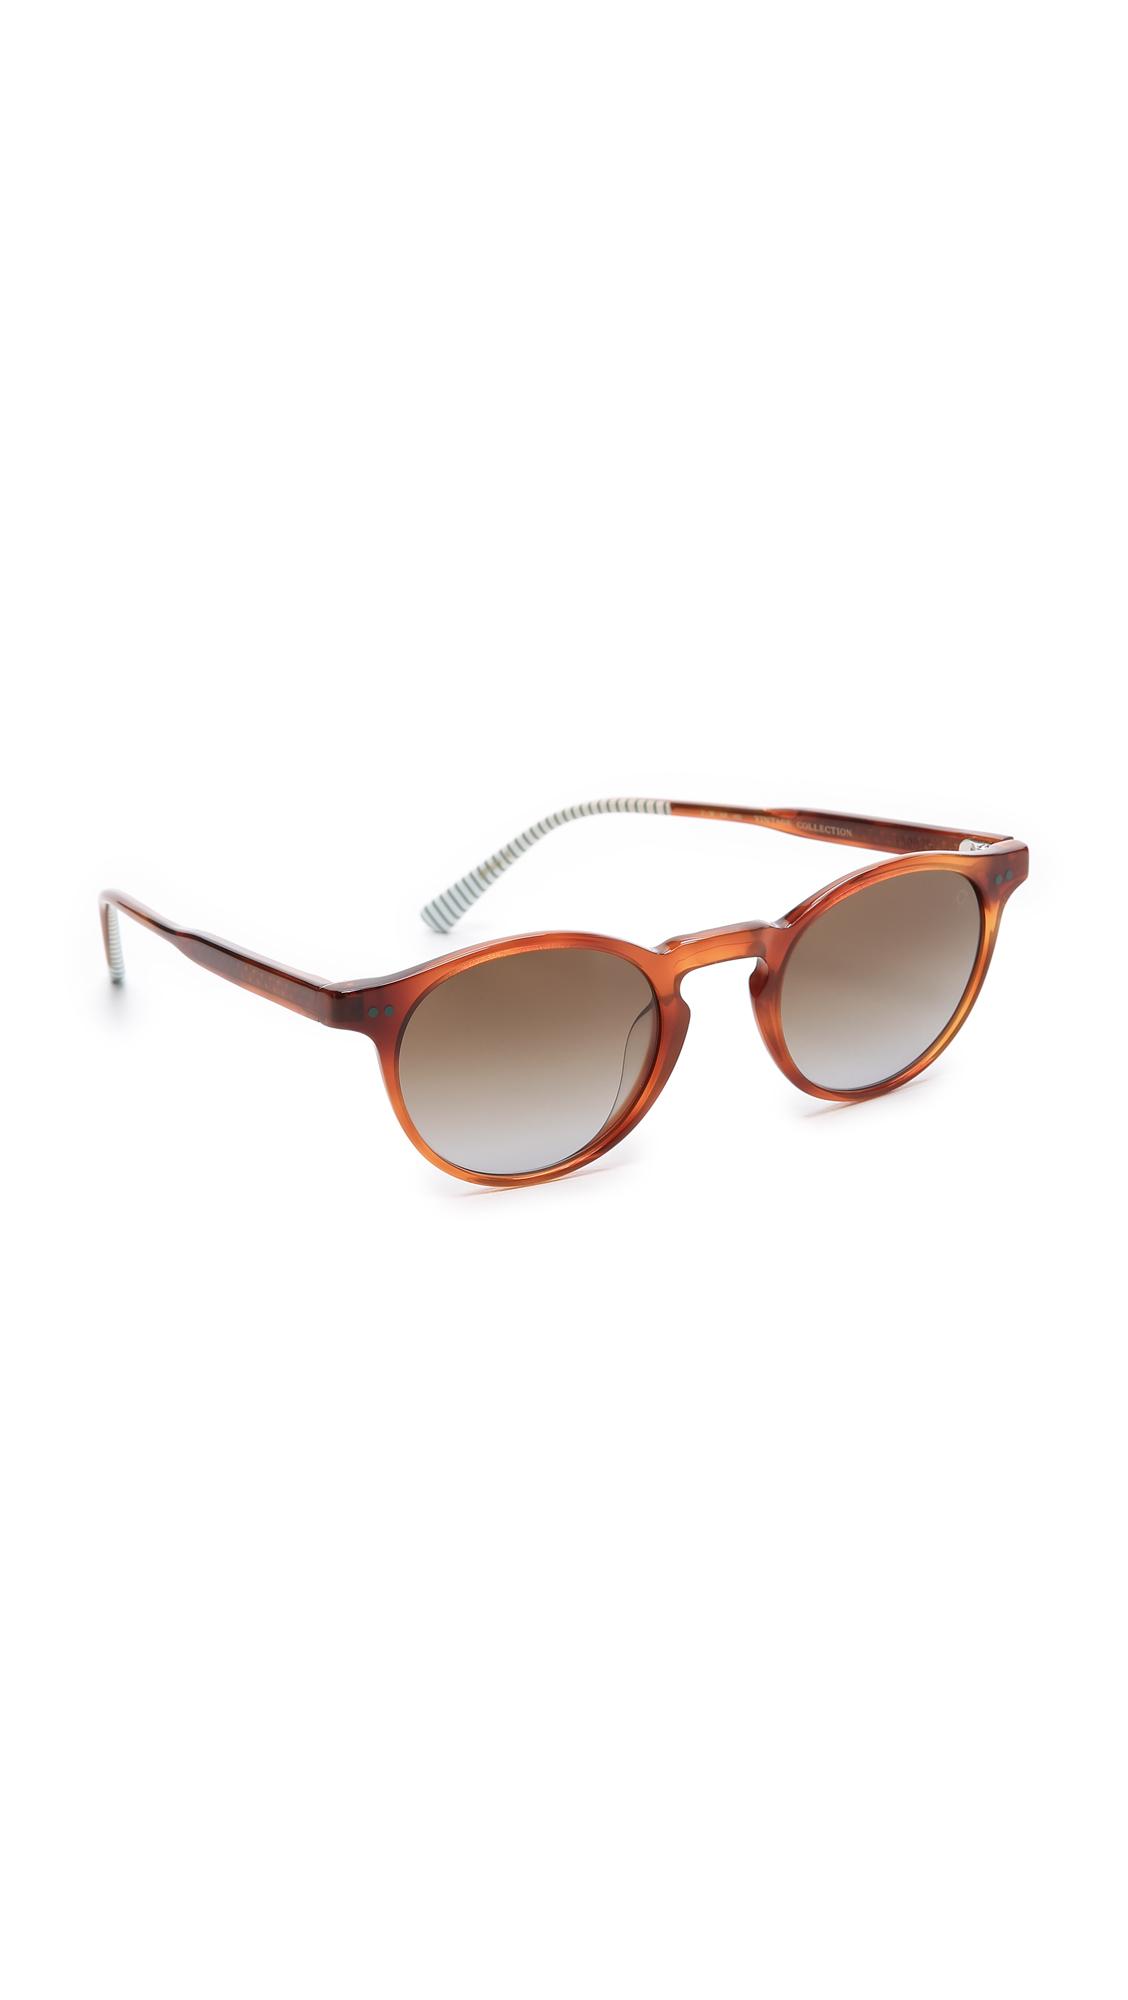 823cdfb8e3cf Etnia Barcelona Mission District Sunglasses